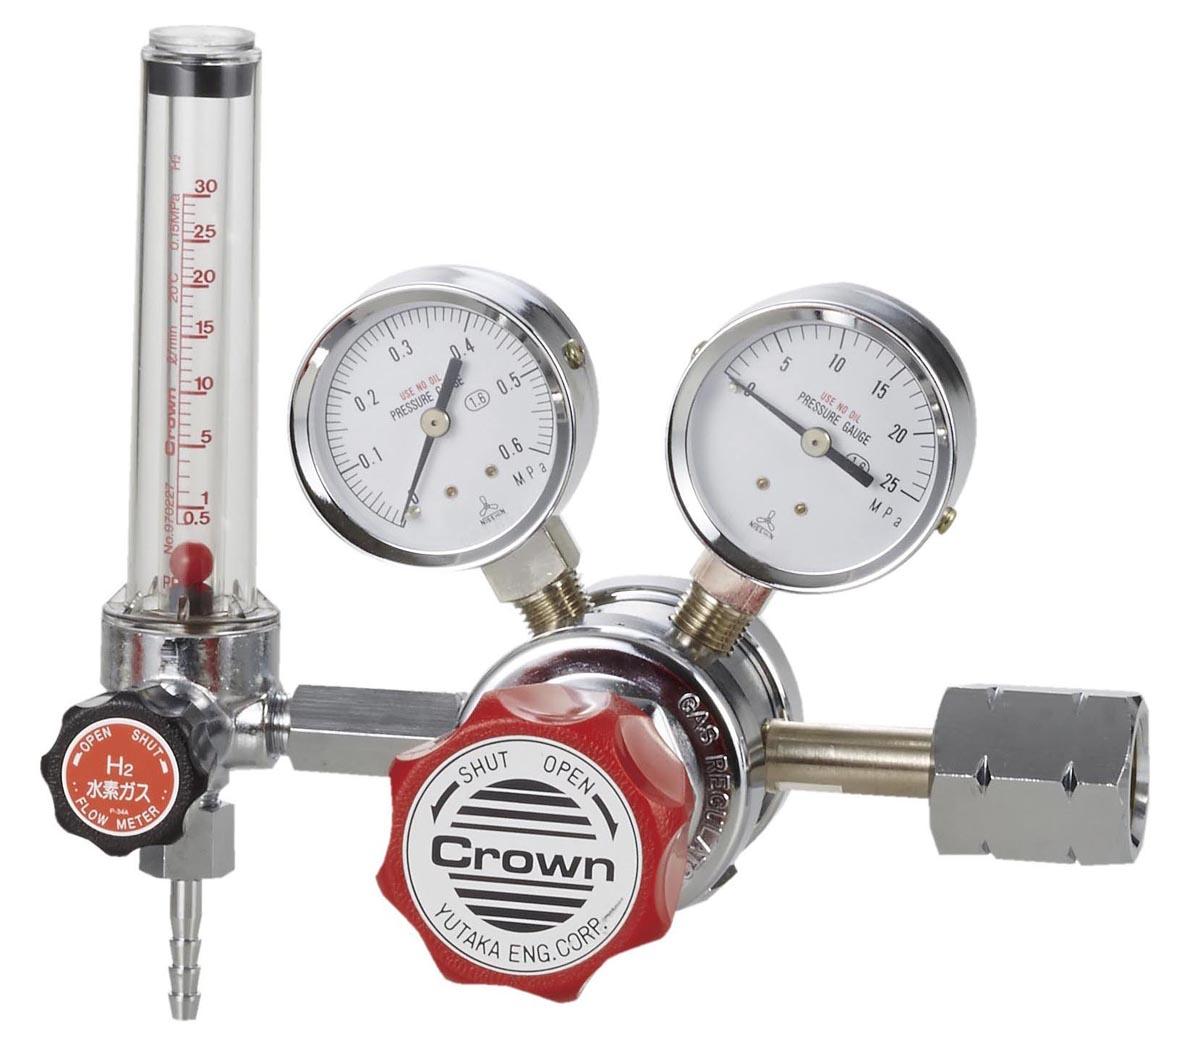 ケニス 精密圧力調整器(レギュレーター) GF2-2506-LN-F30